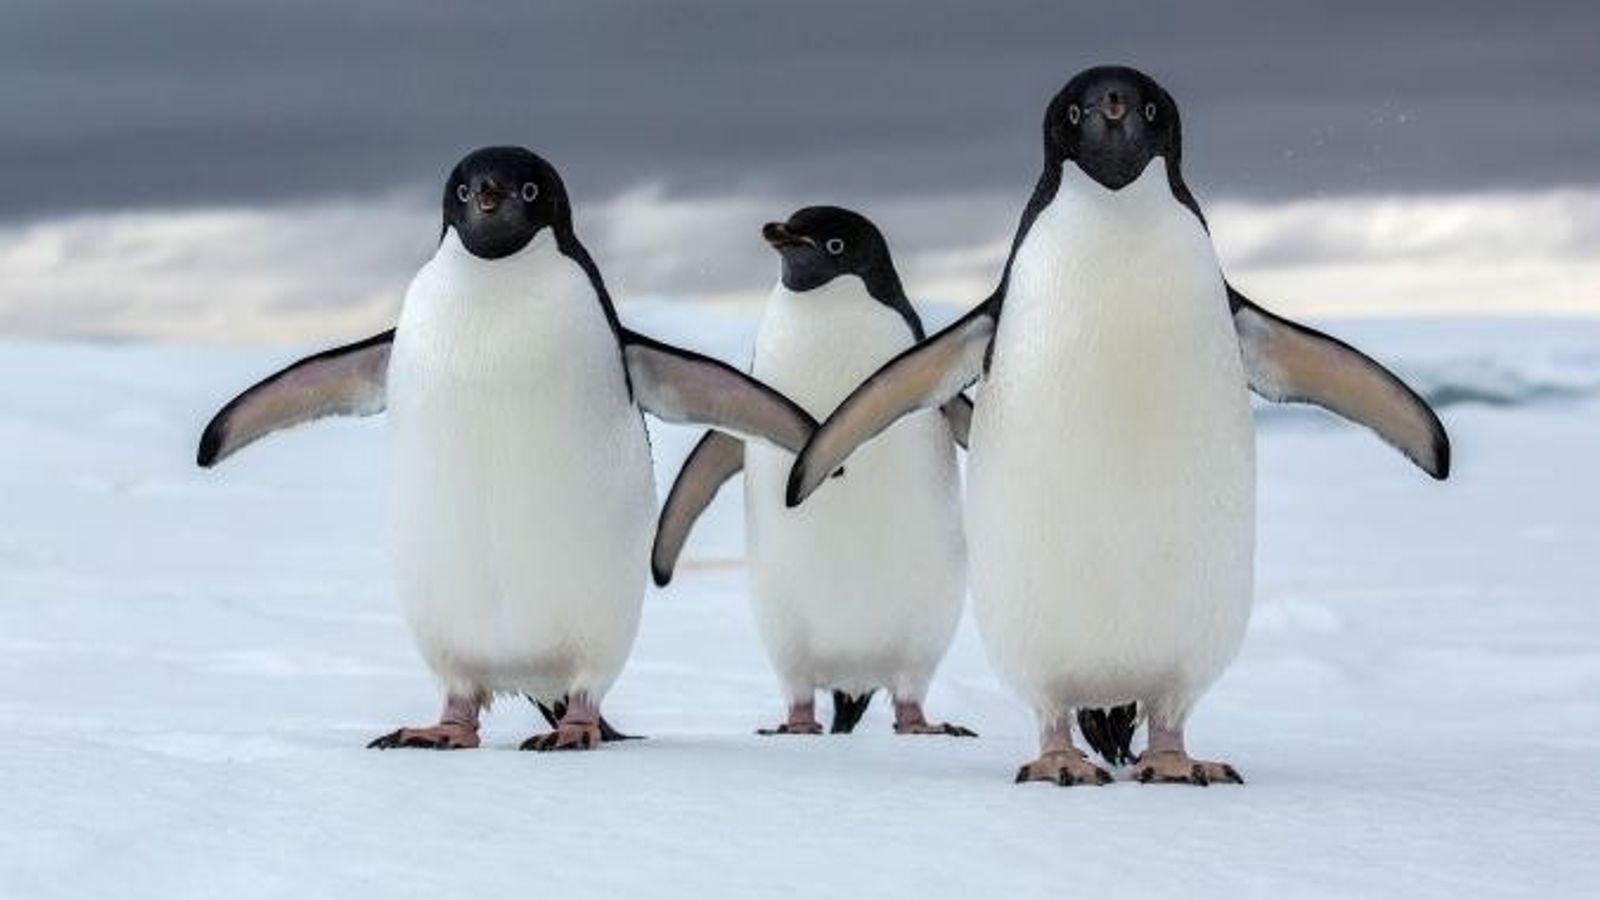 Les manchots Adélie, l'une des deux espèces de manchots de l'Antarctique, sont menacés par le changement ...